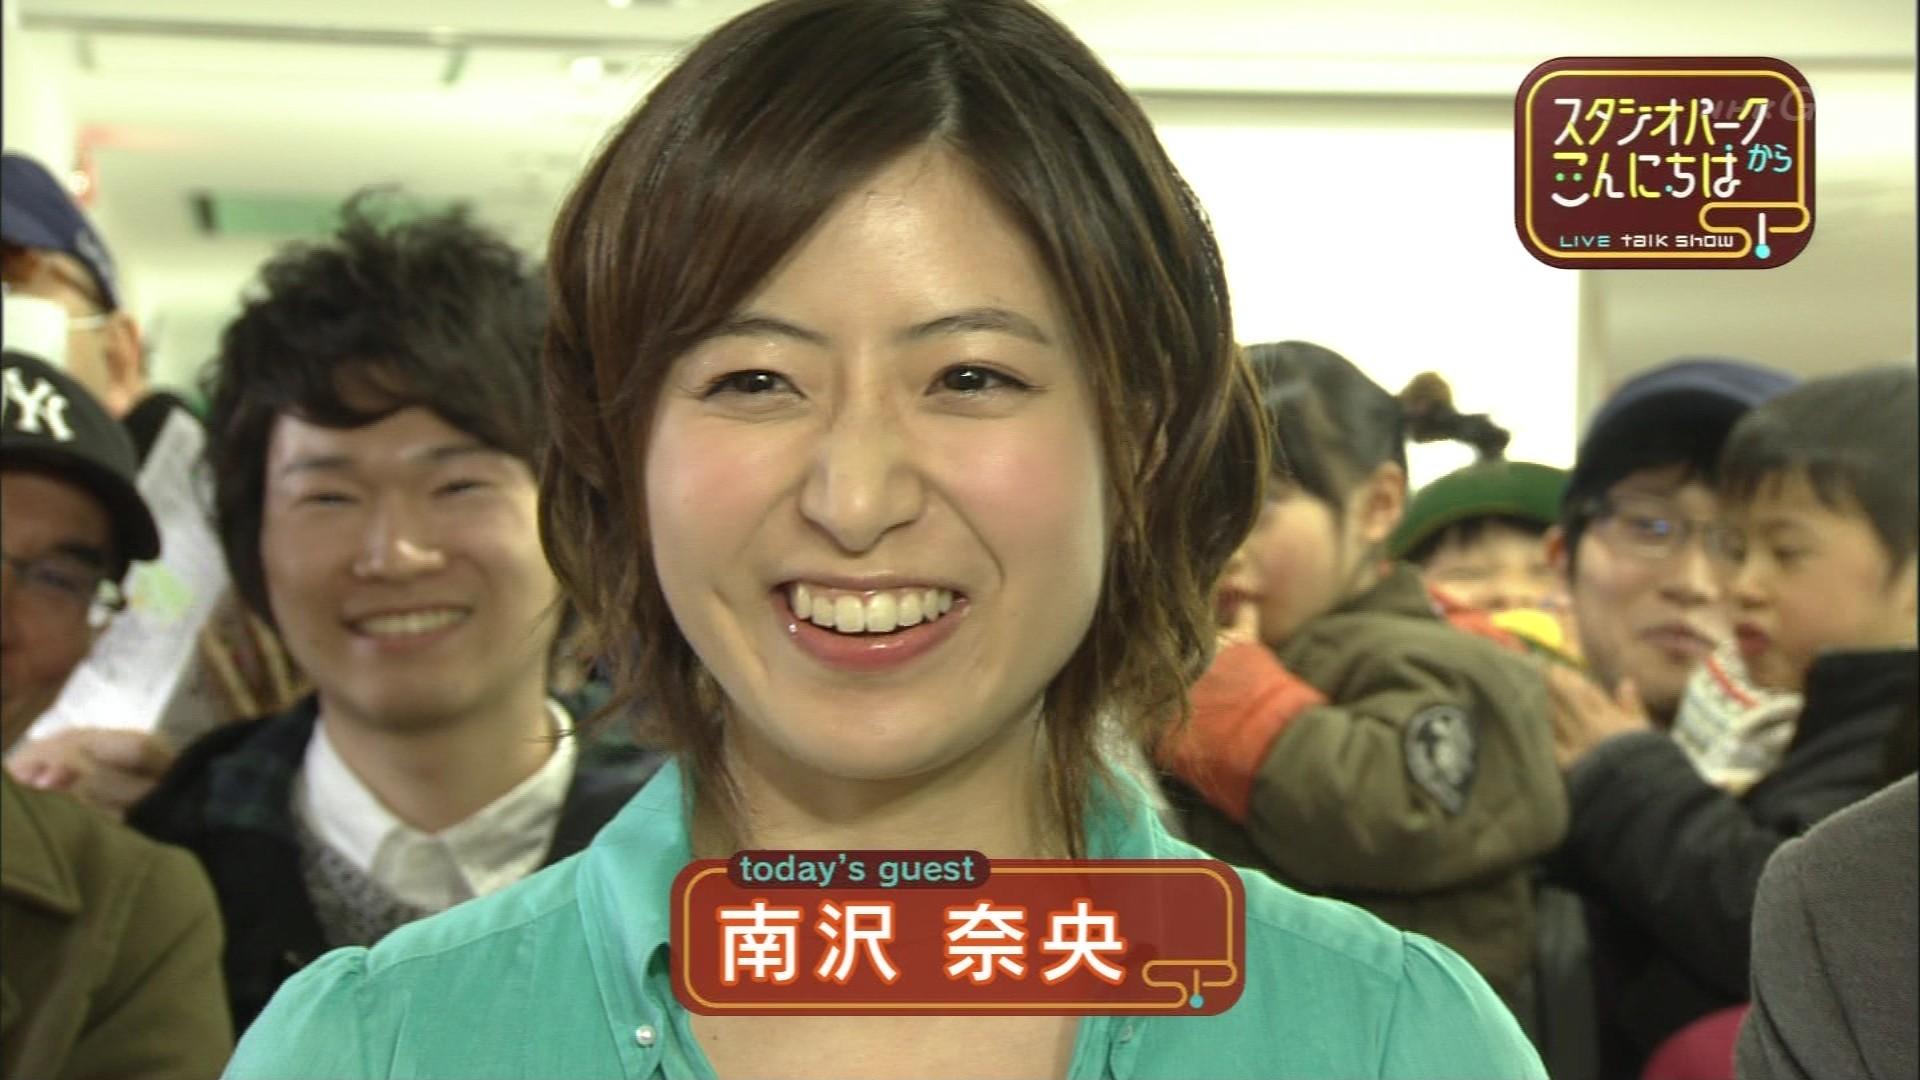 スタジオパークからこんにちは 南沢奈央 : こんなテレビを見た。